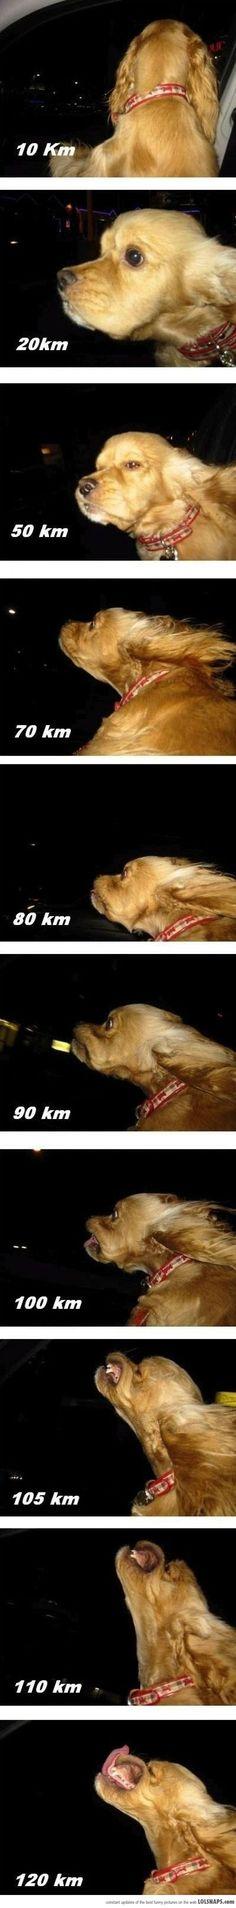 dog speedometer